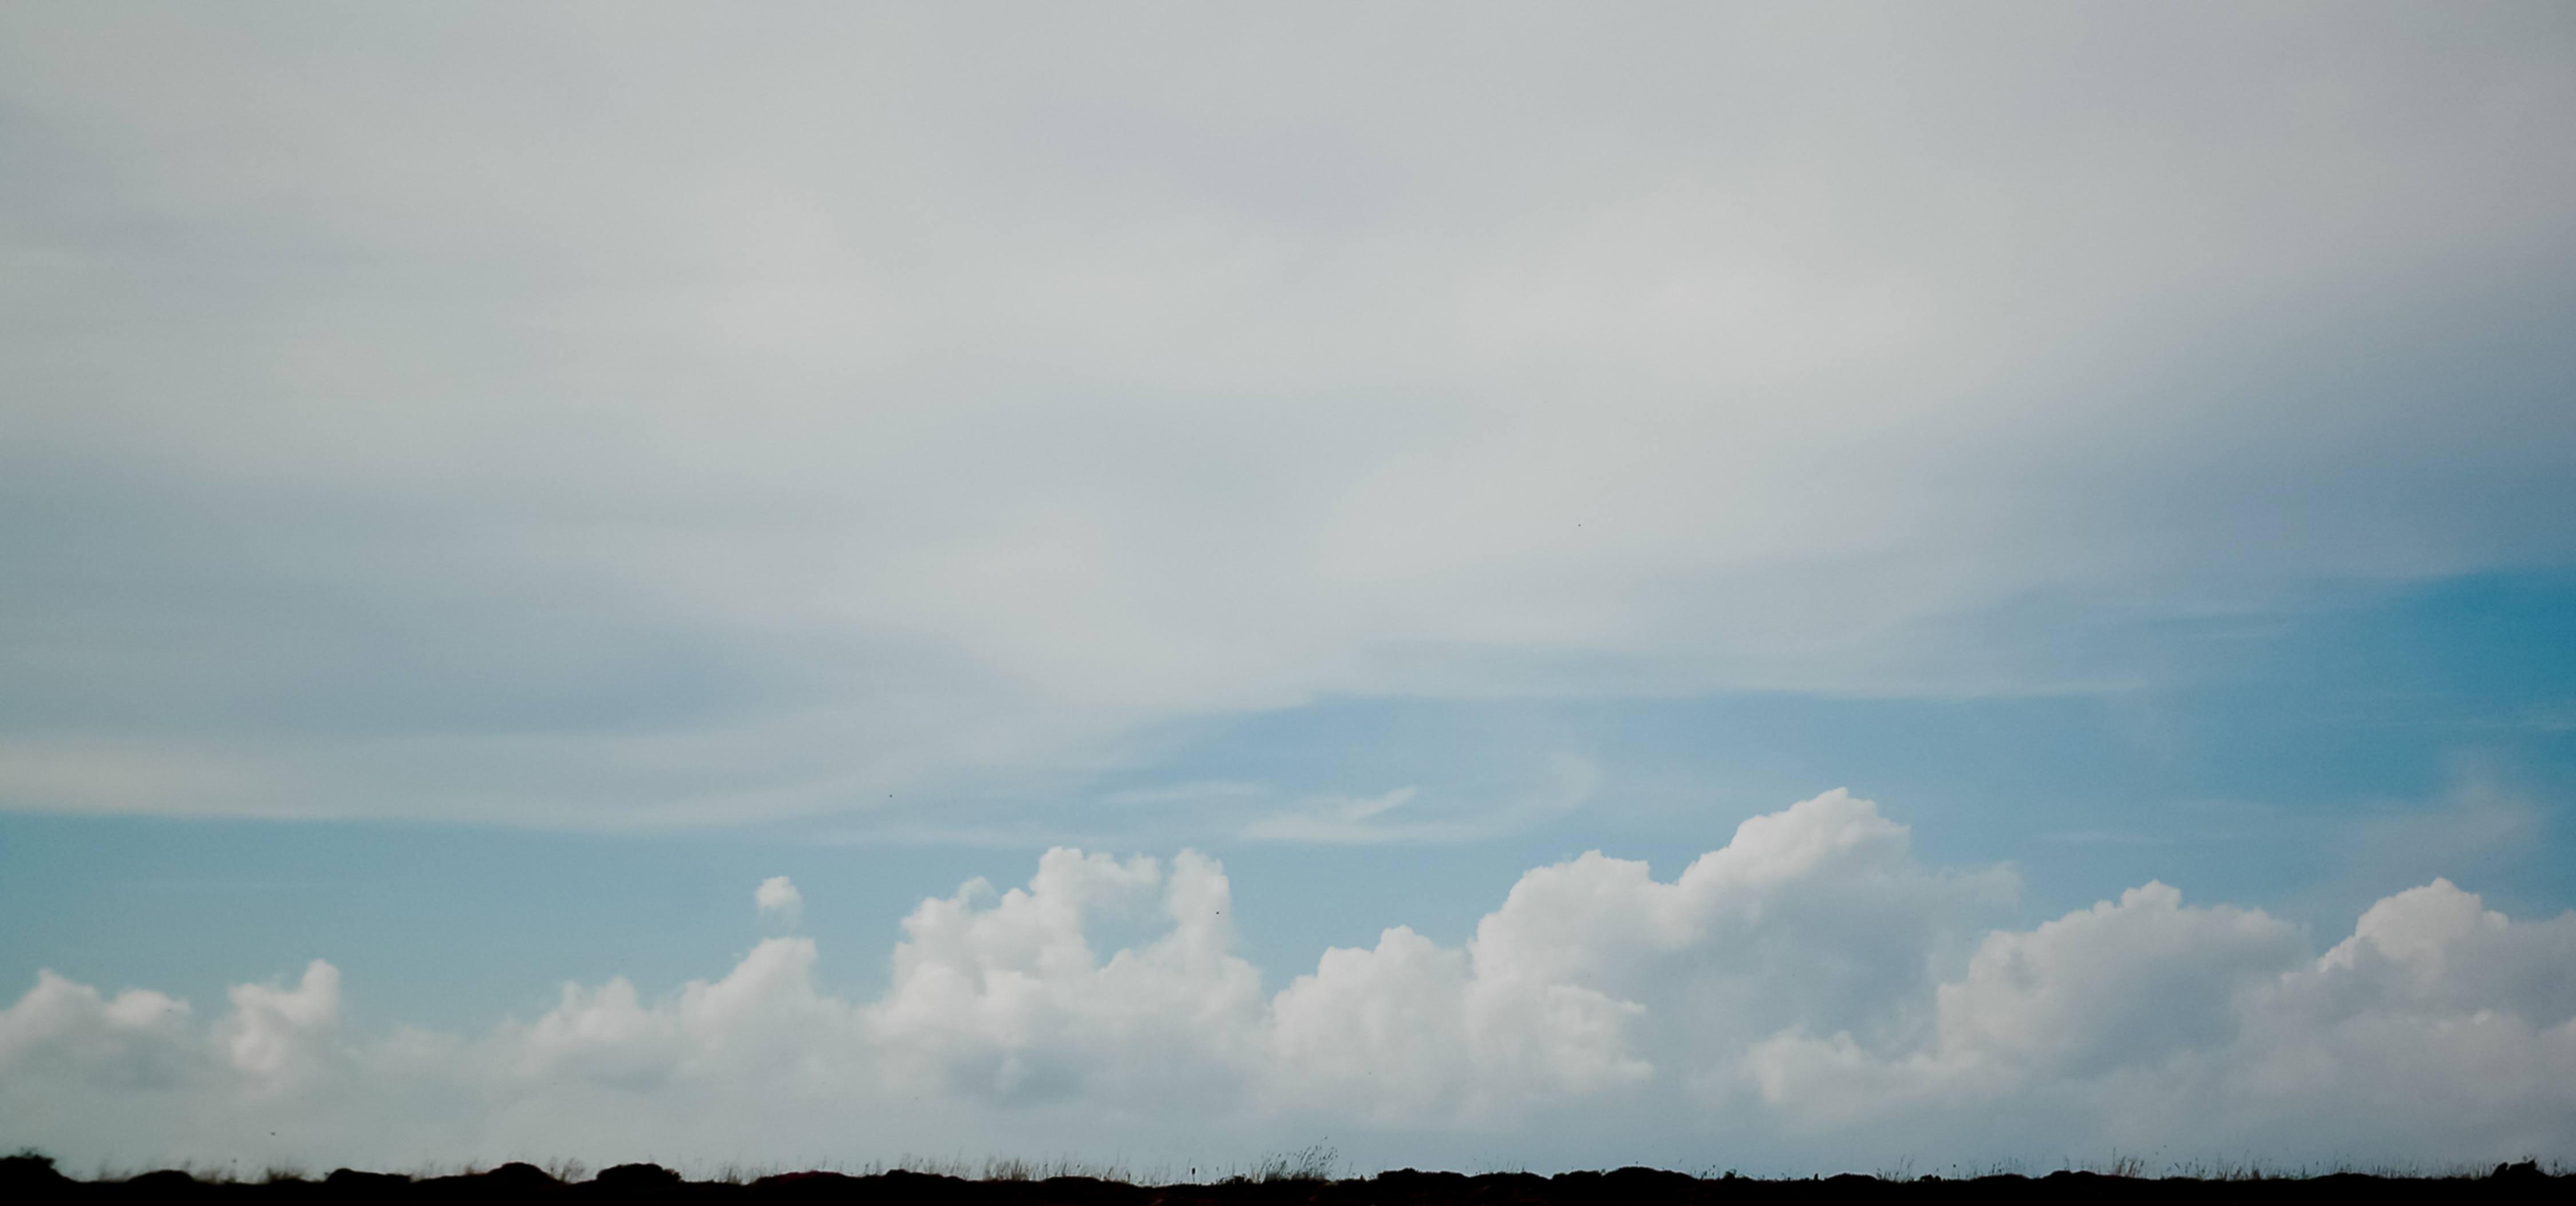 Panopramic clouds sky